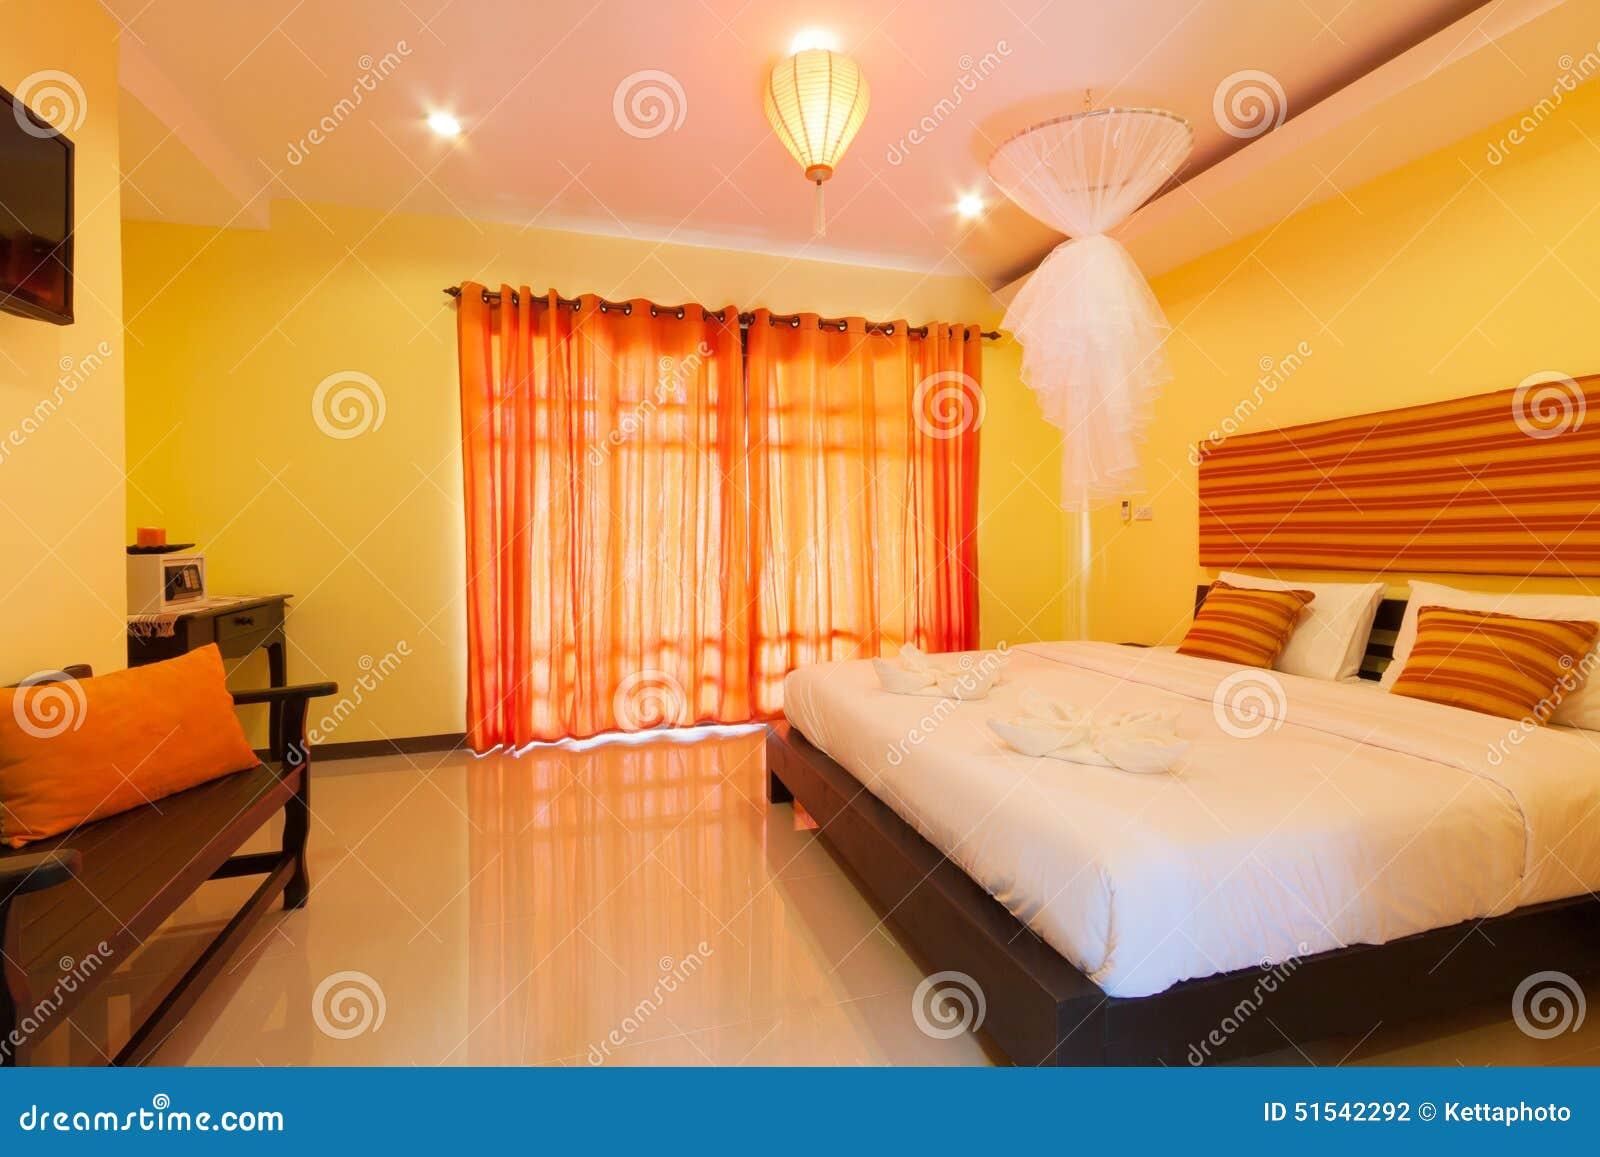 Gele slaapkamer stock foto afbeelding 51542292 - Eigentijdse slaapkamer ...